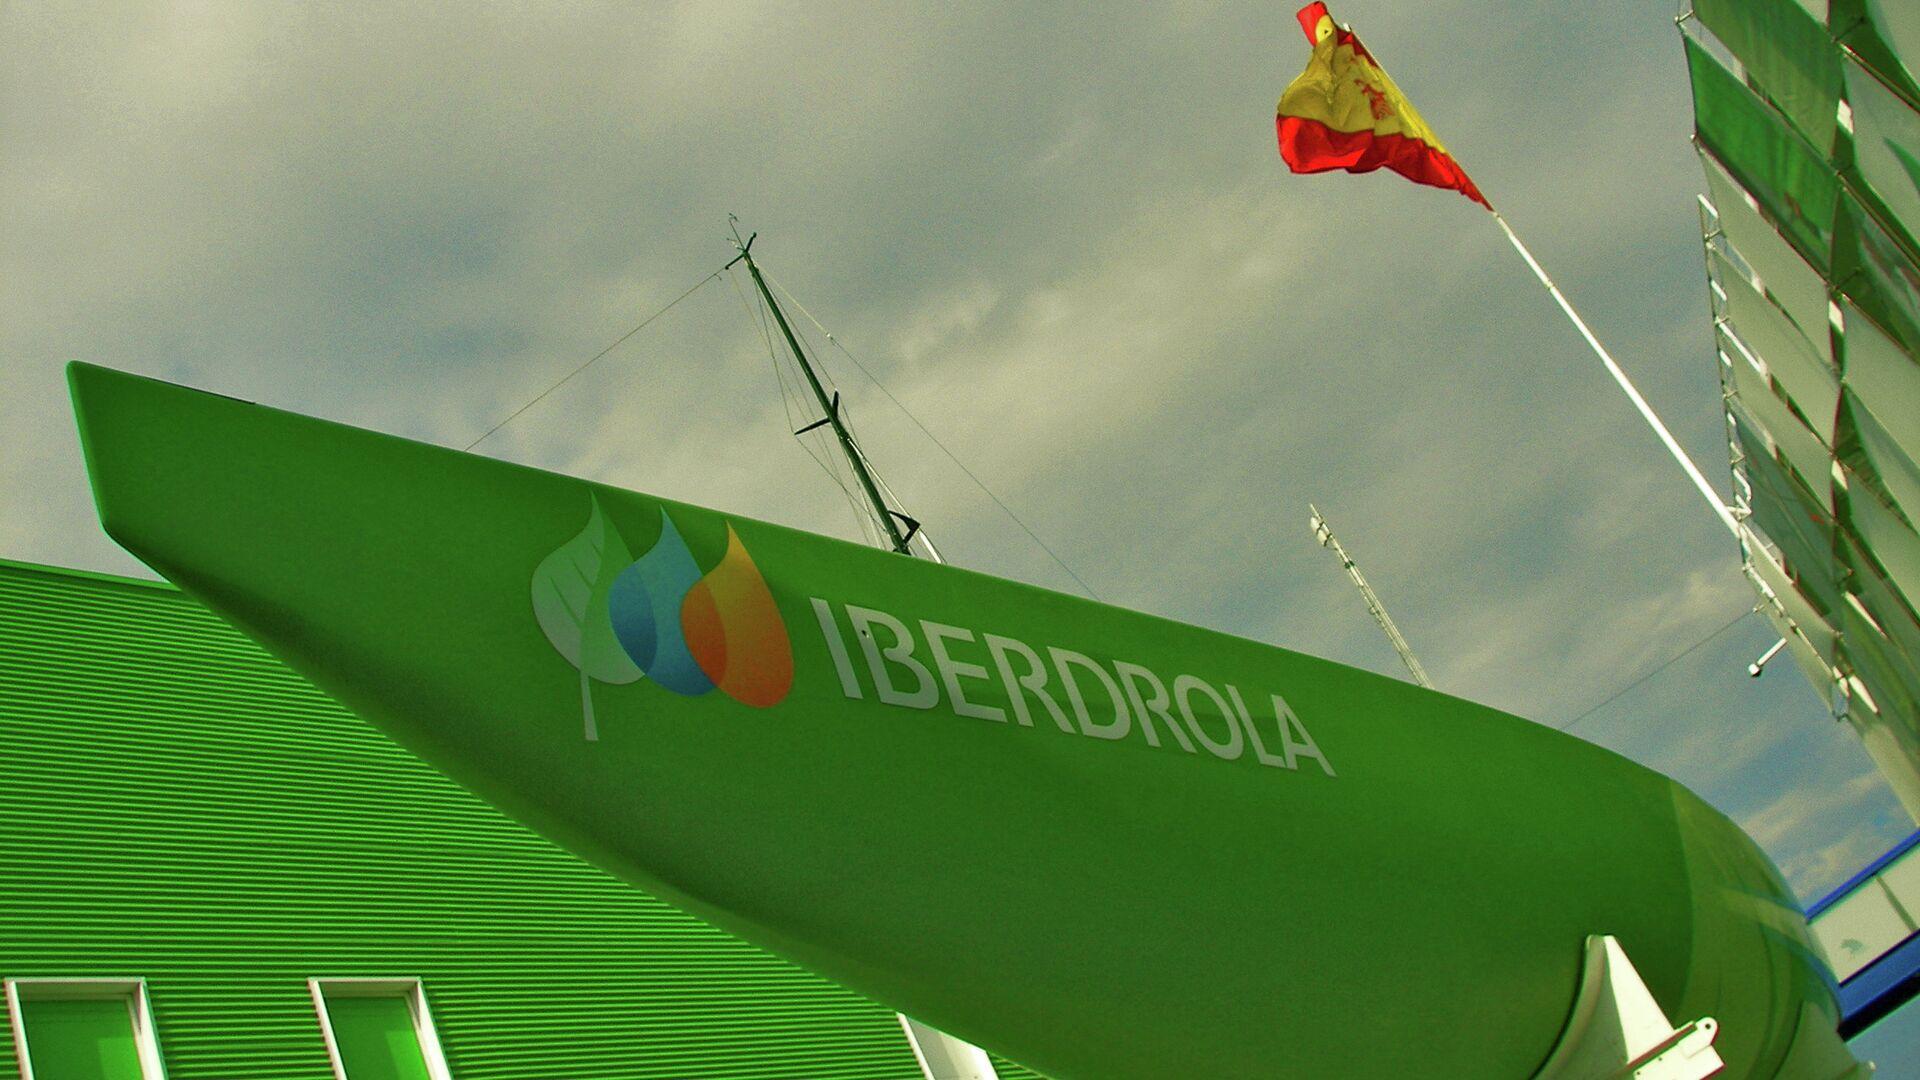 Iberdrola  - Sputnik Mundo, 1920, 04.03.2021